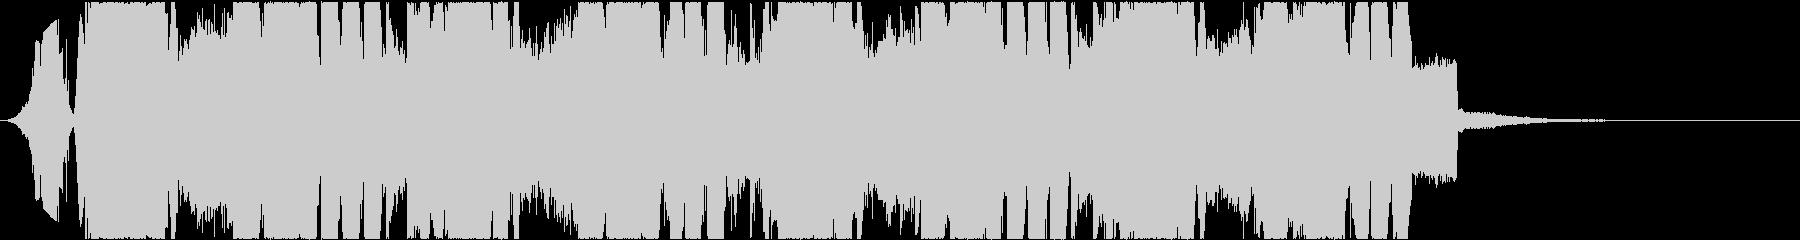 ジングル向け ショートバージョン2の未再生の波形